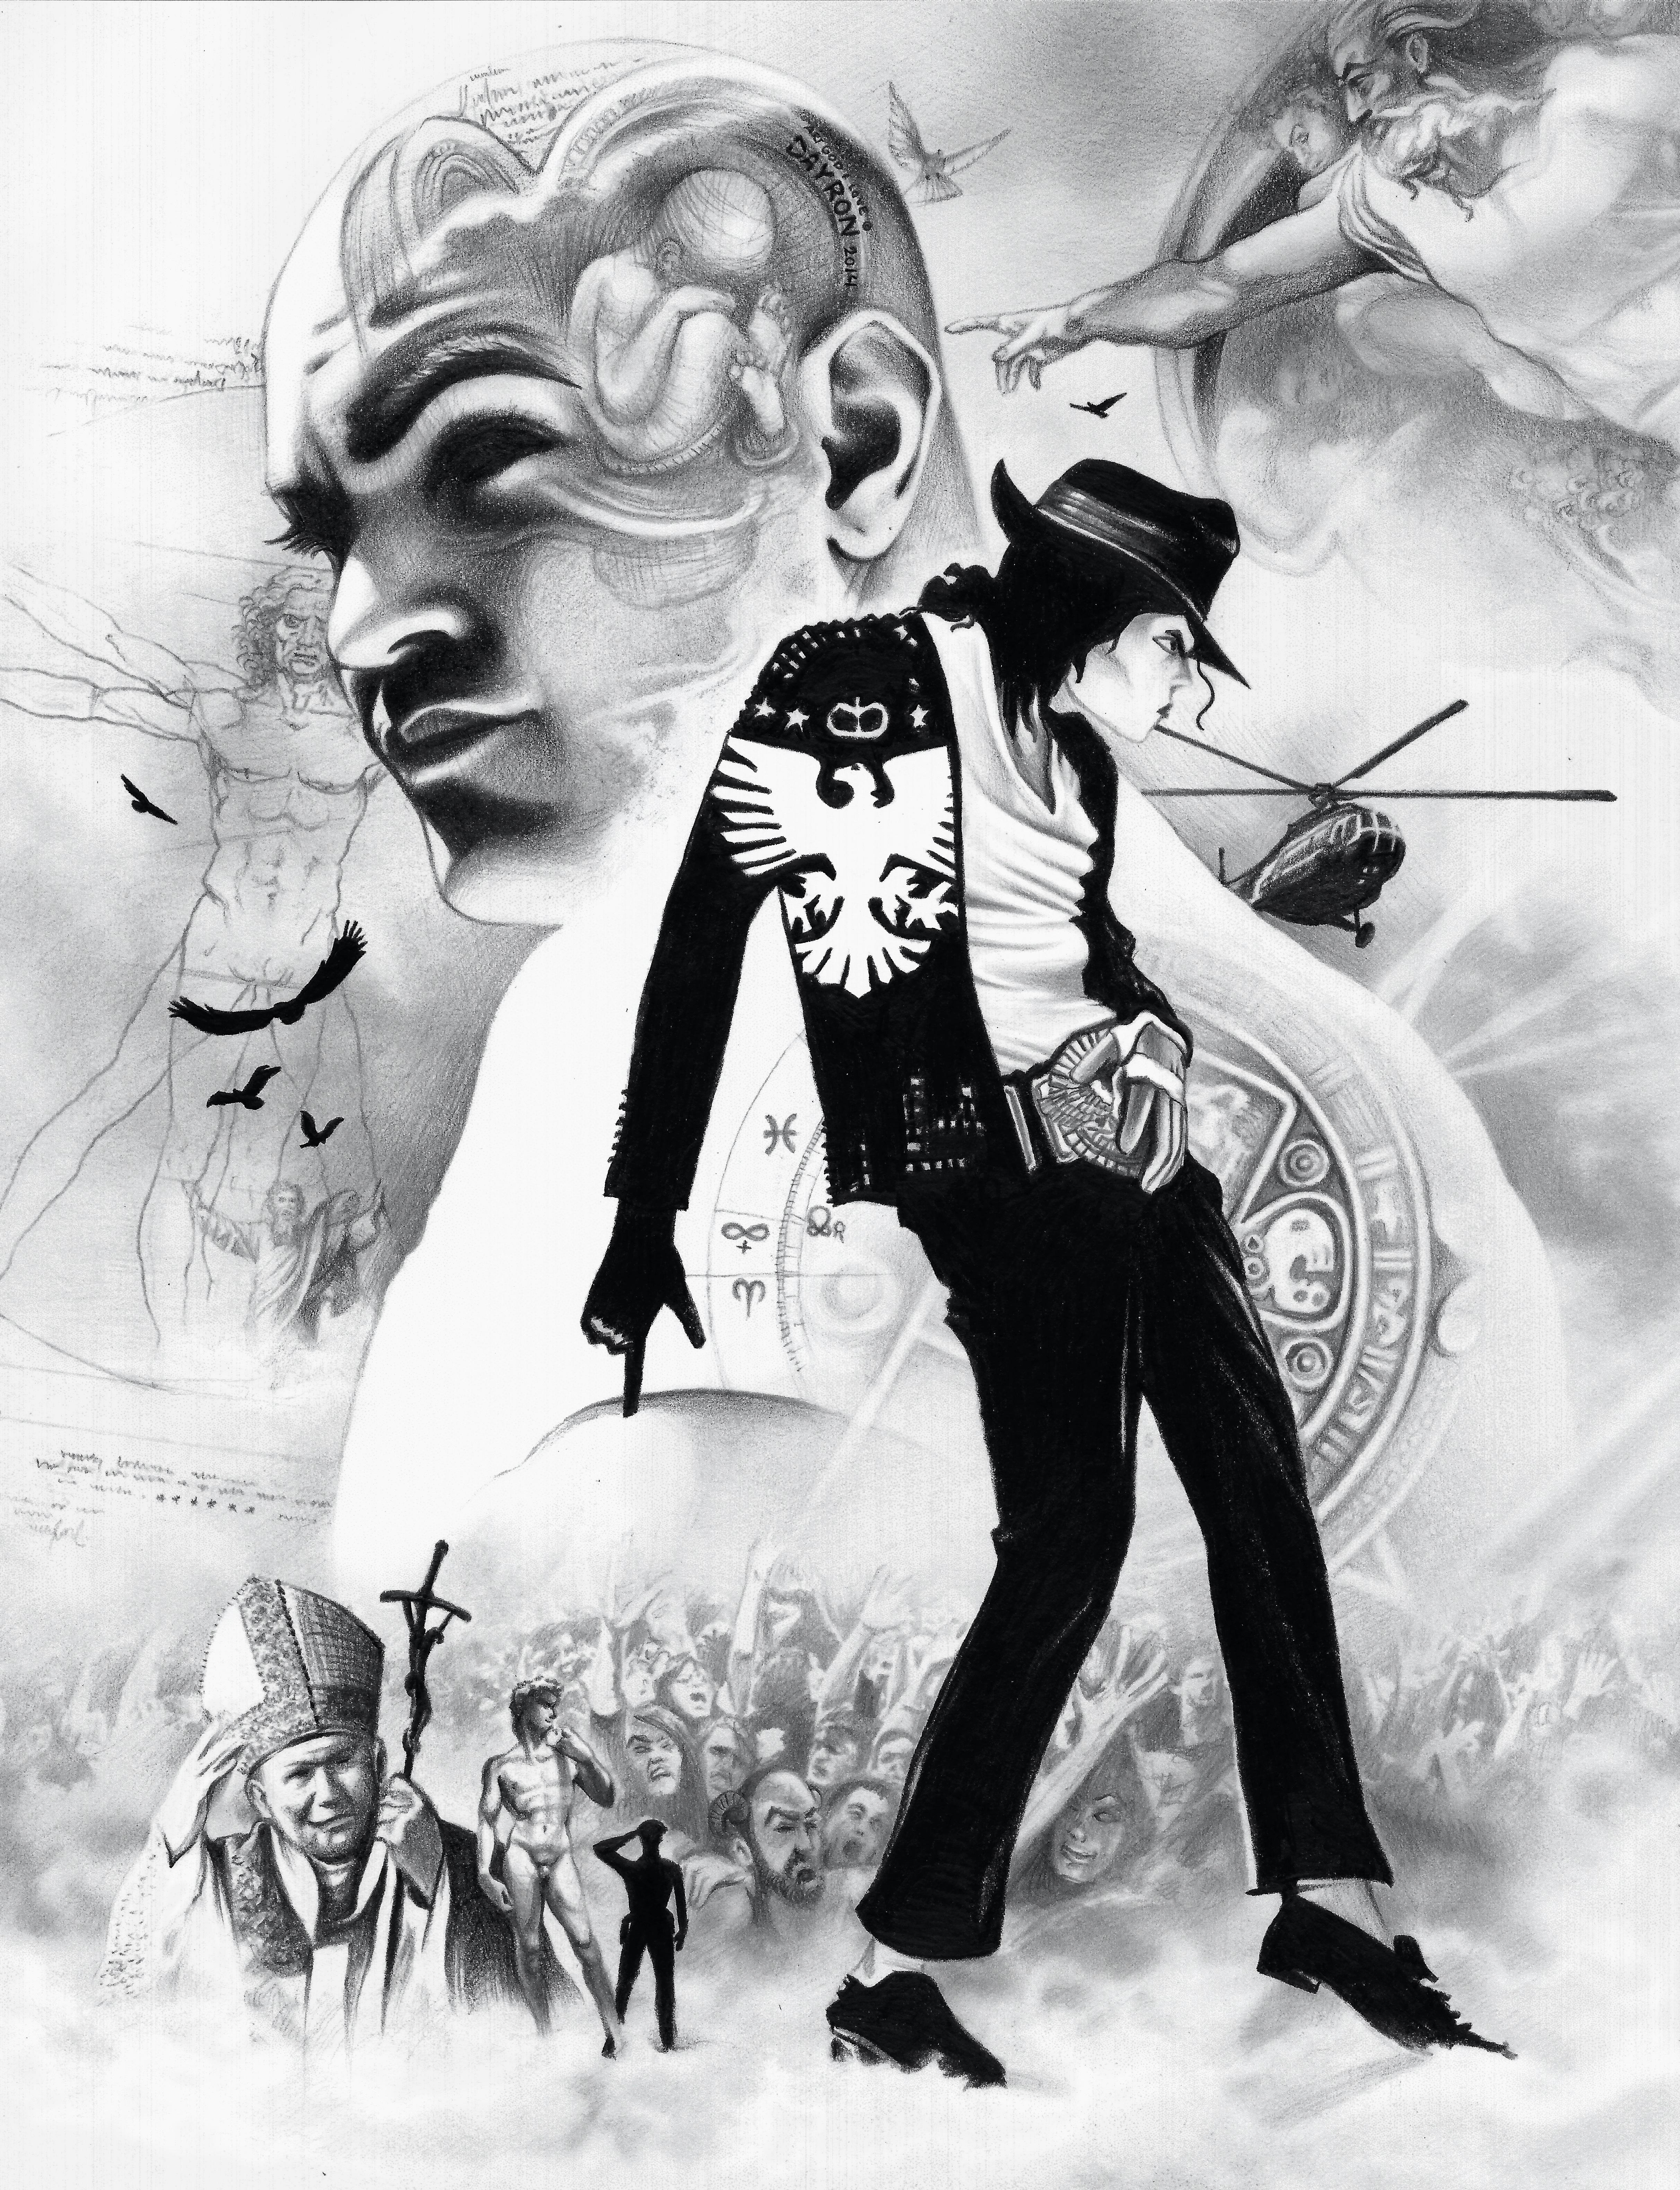 Banco De Imagens Homem Lapis Preto E Branco Jovem Simbolo